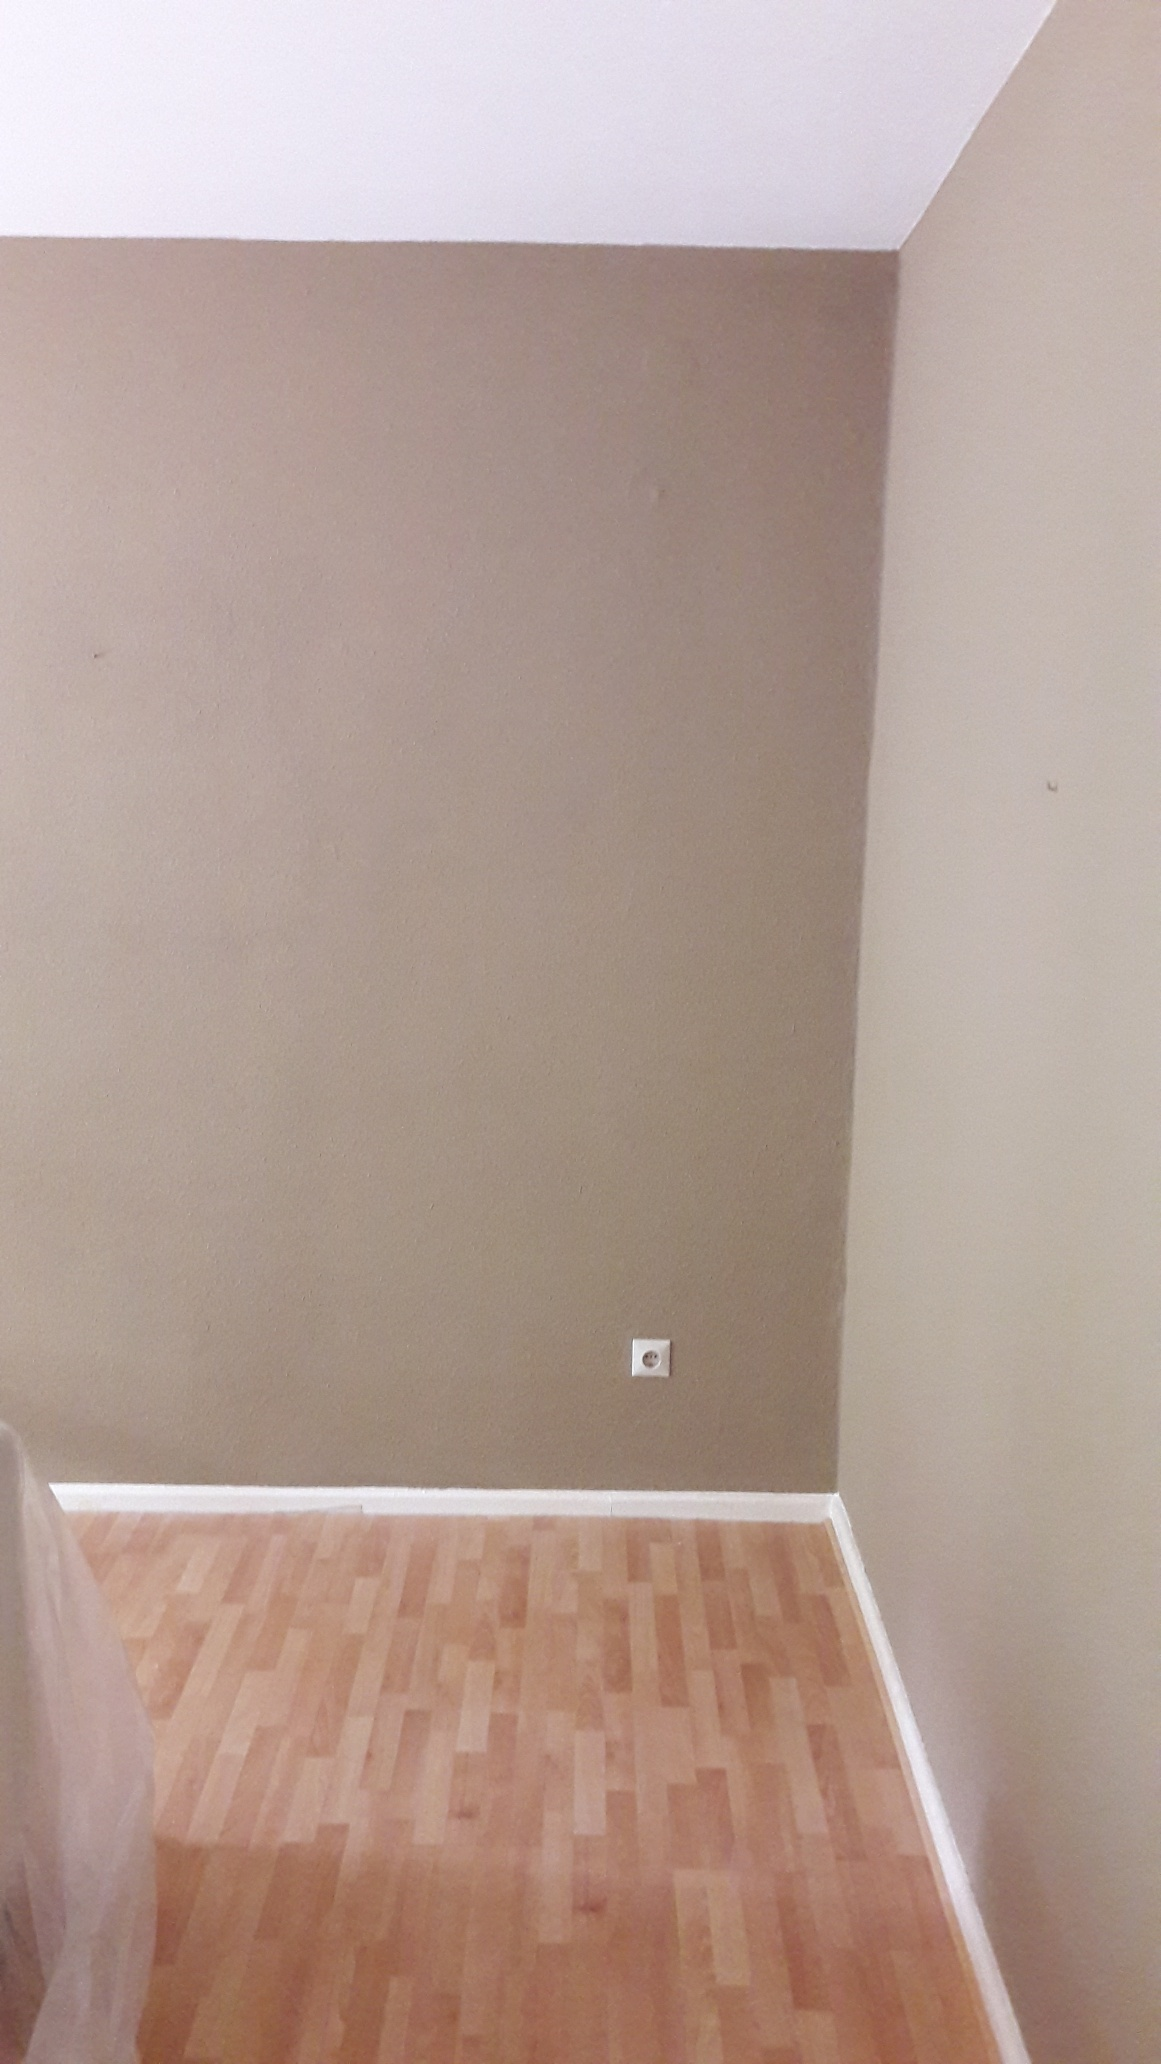 maler sucht was zum streichen bei privat ihre wohnung oder haus ab 60 70 und das sehr. Black Bedroom Furniture Sets. Home Design Ideas